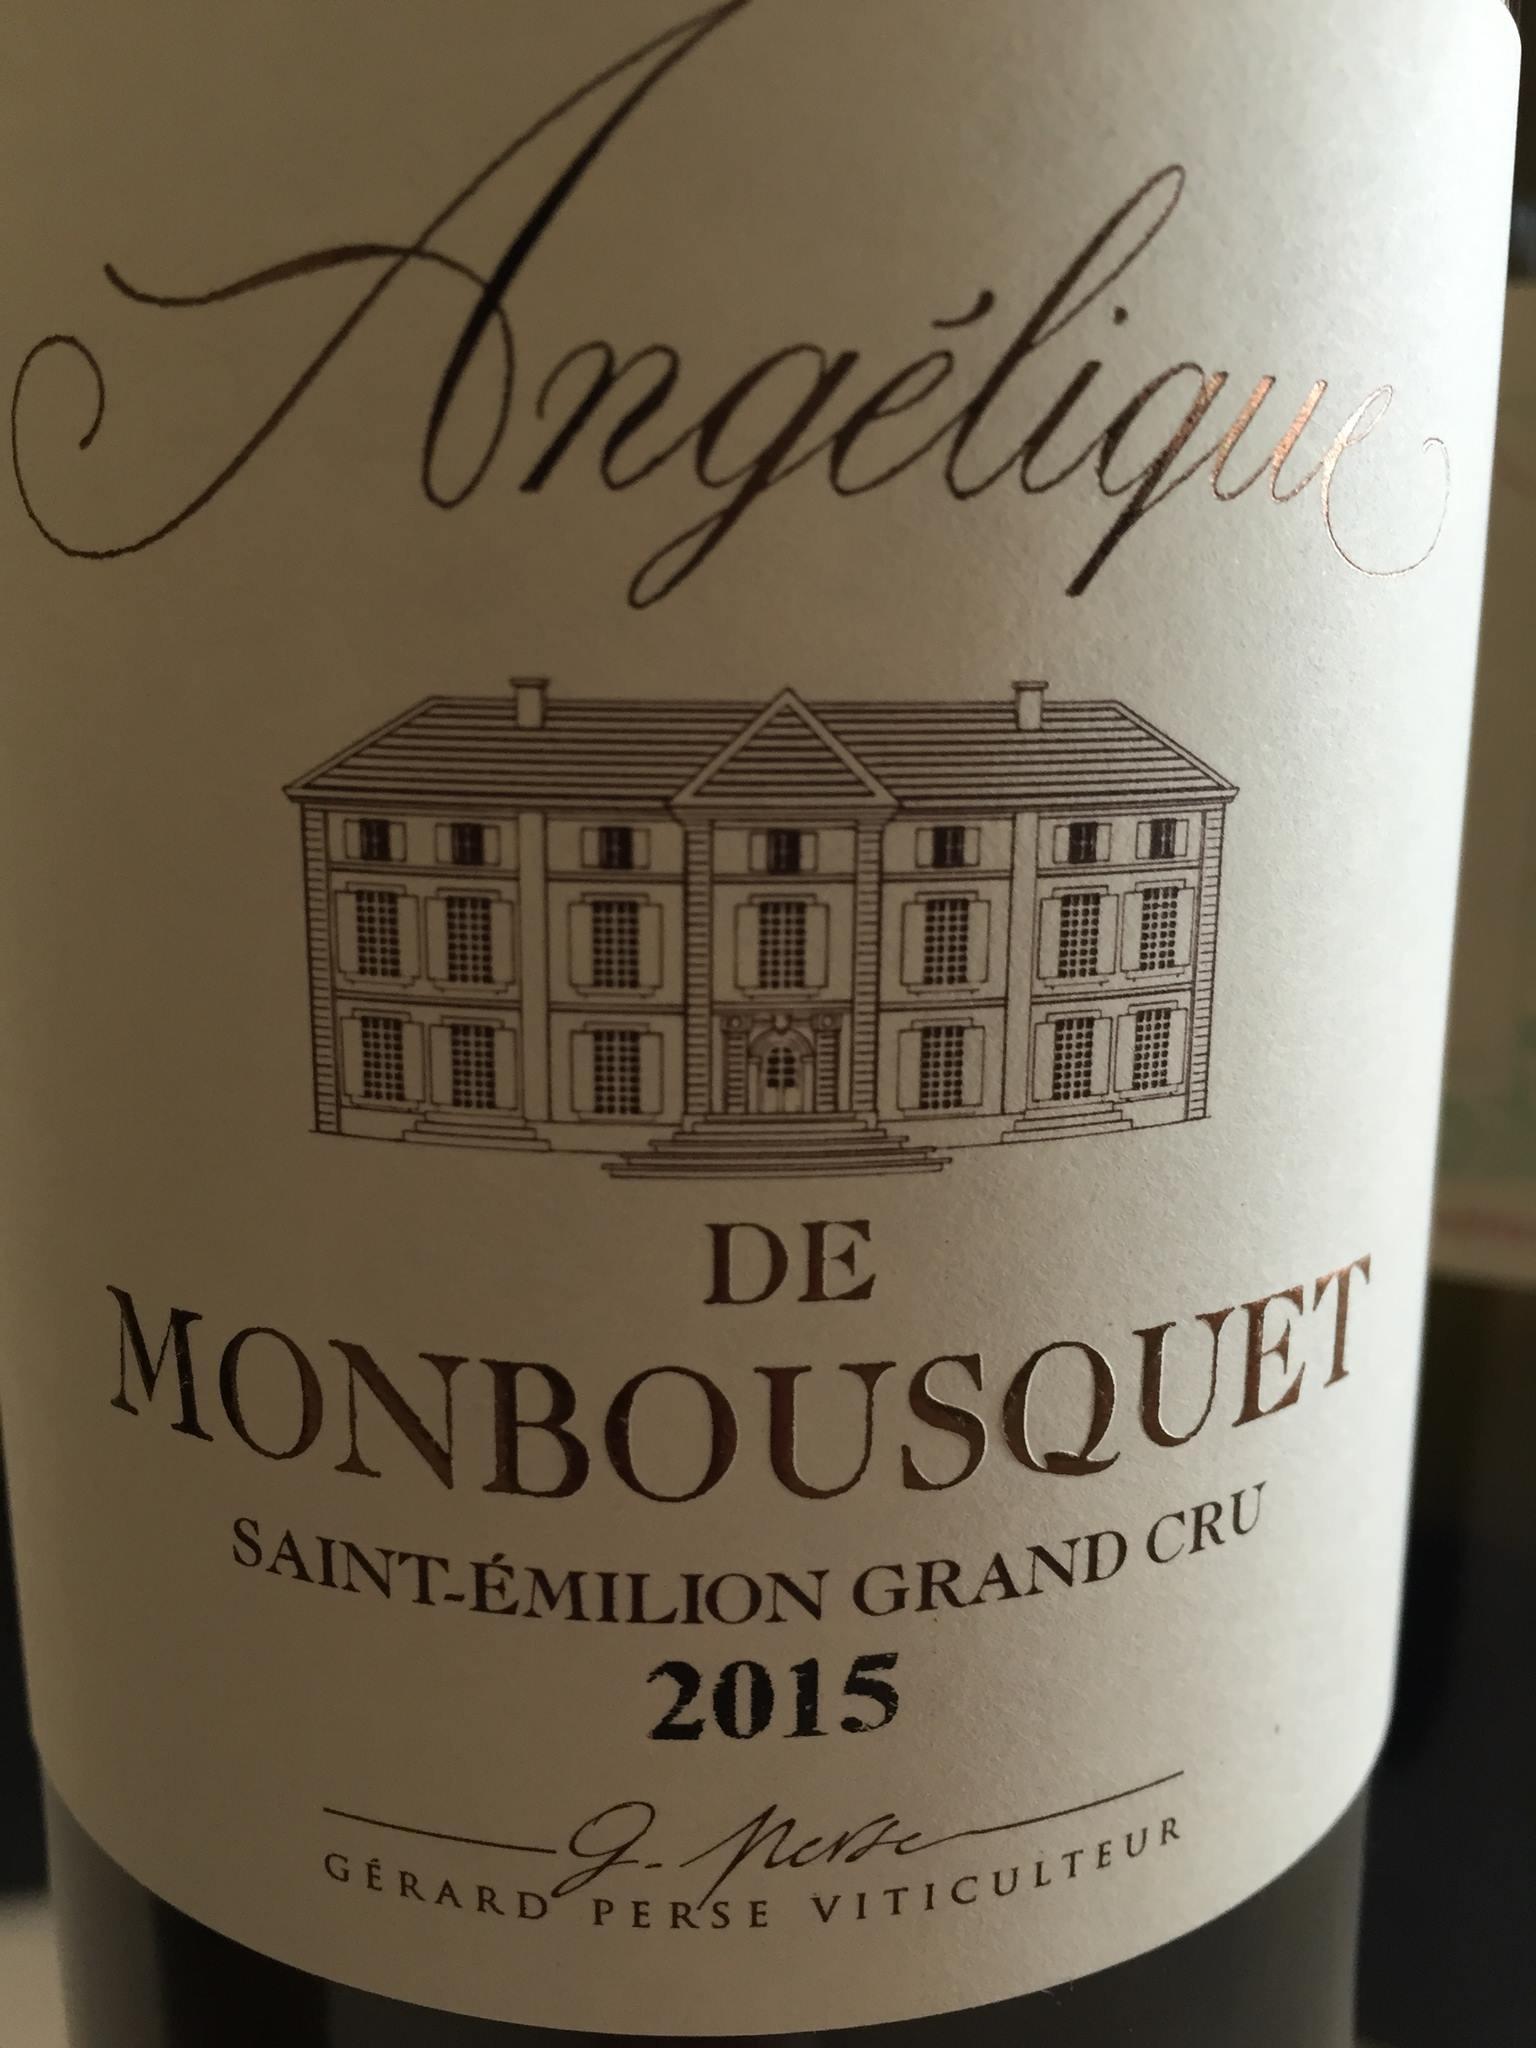 Angélique de Monbousquet 2015 – Saint-Emilion Grand Cru